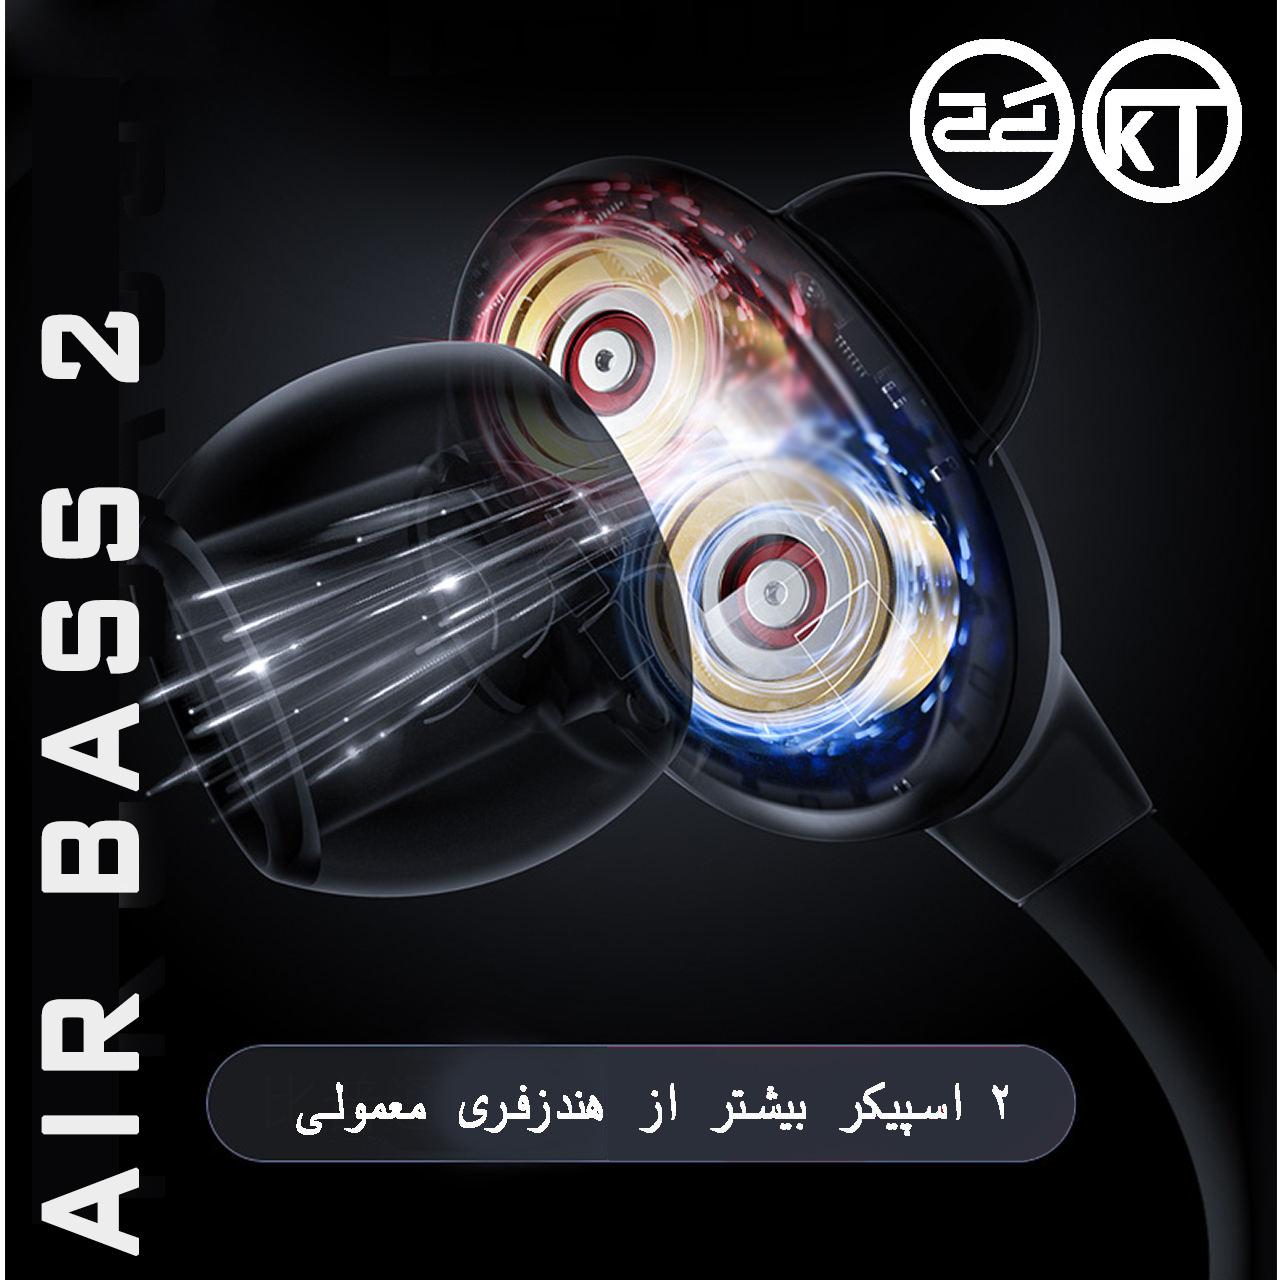 هدفون بلوتوثی کی تی مدل AIRBASS 2